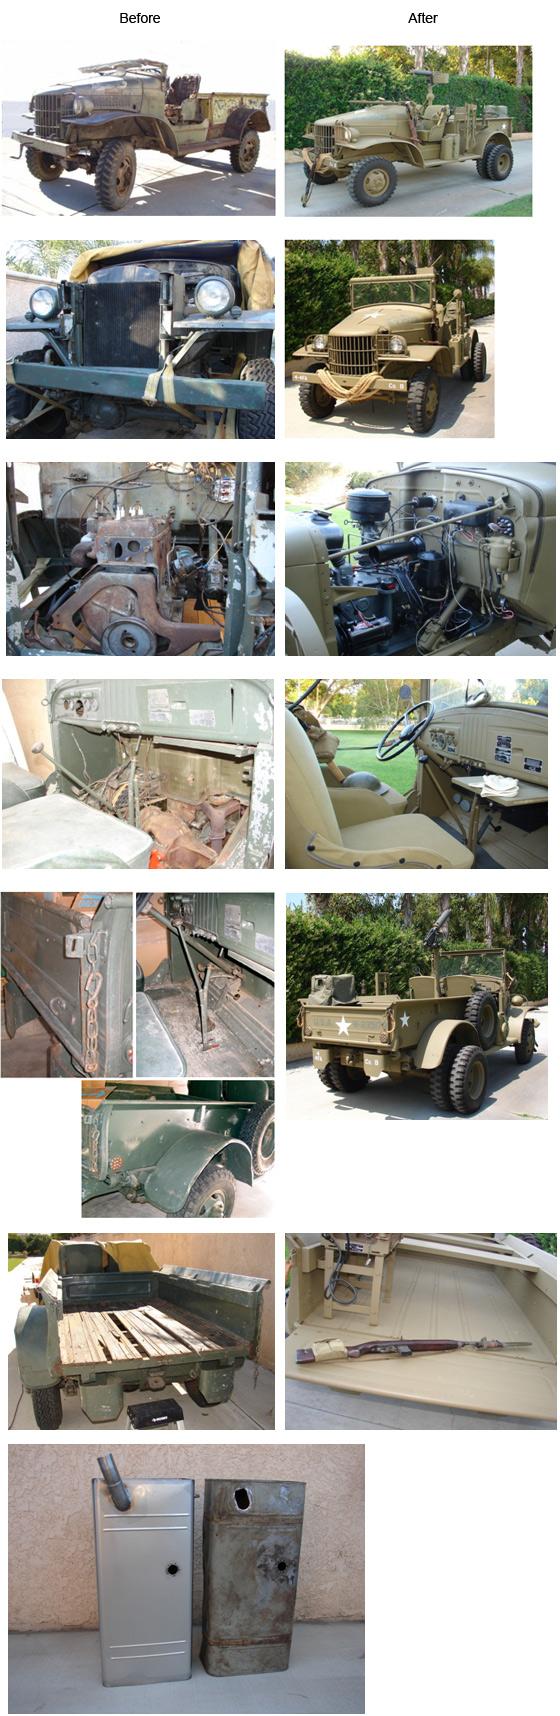 vehicles-1